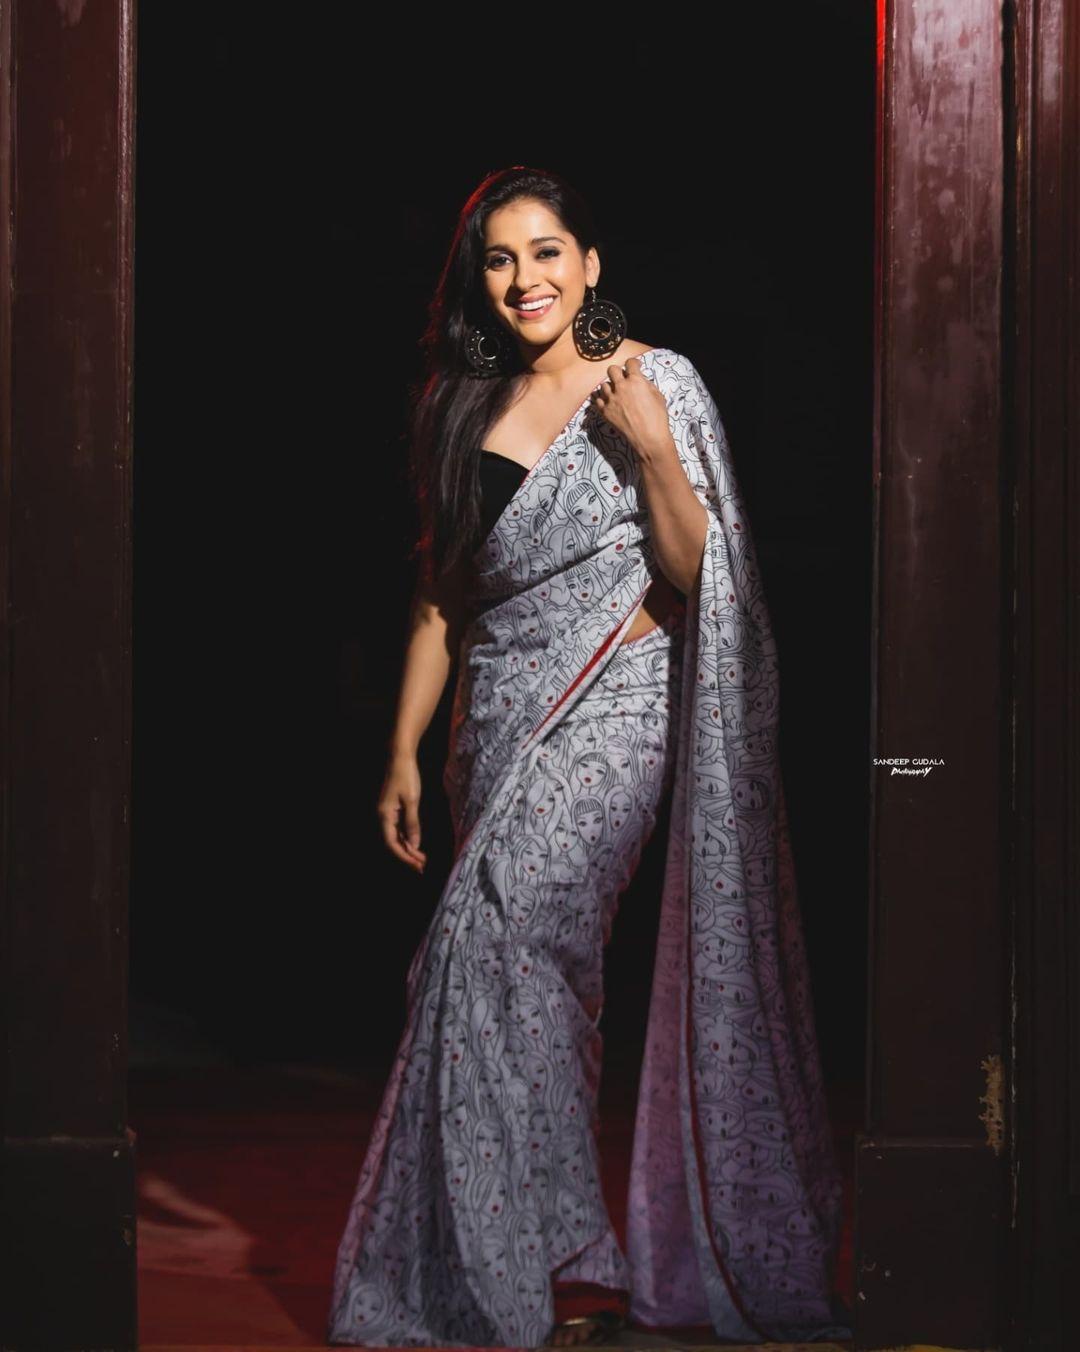 Stunning actress Rashmi Goutham in Duta couture saree. 2021-08-01